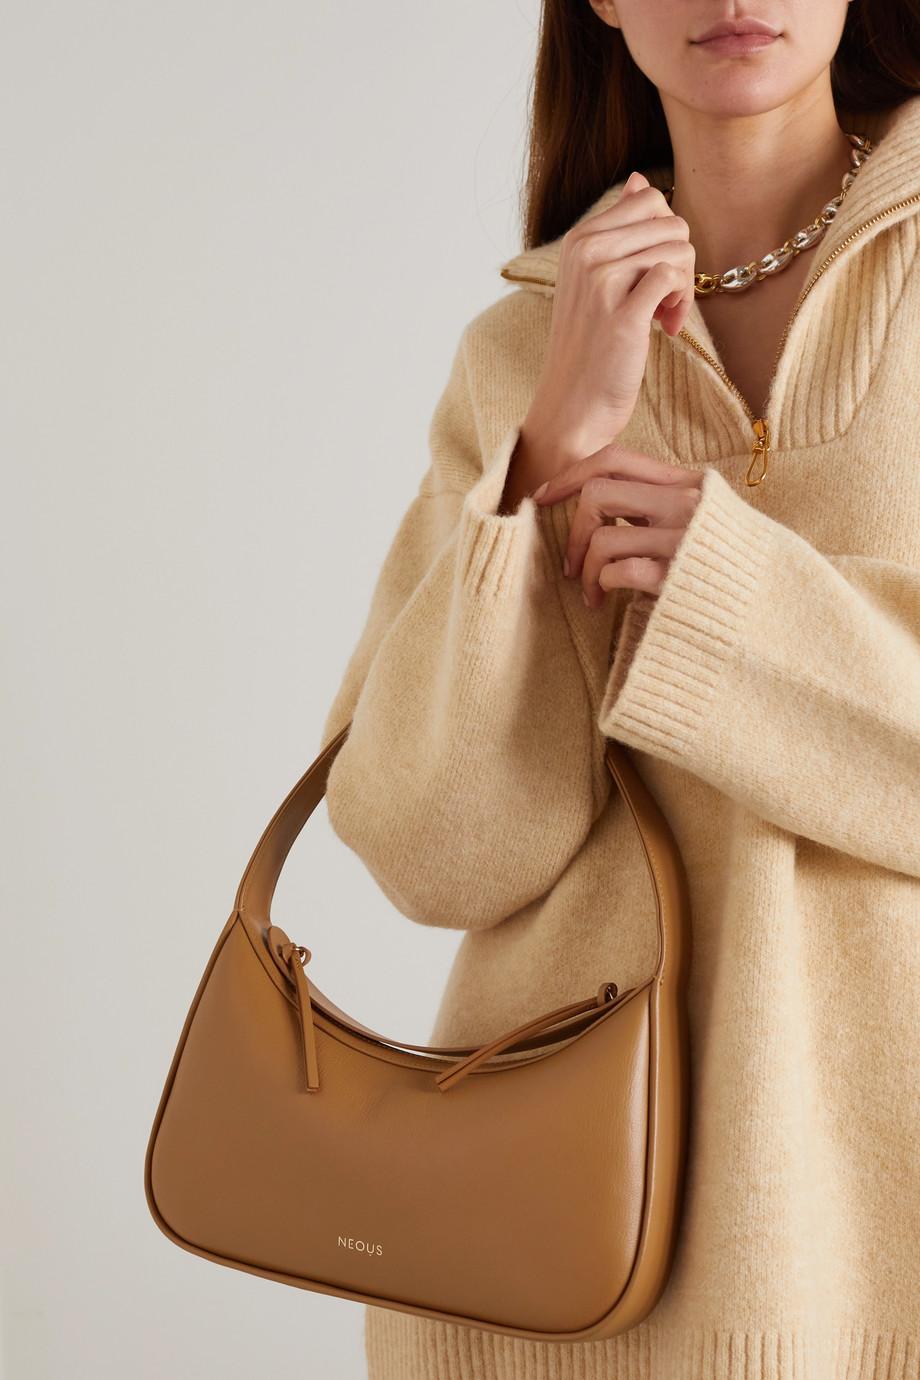 Neous Delphinus leather shoulder bag